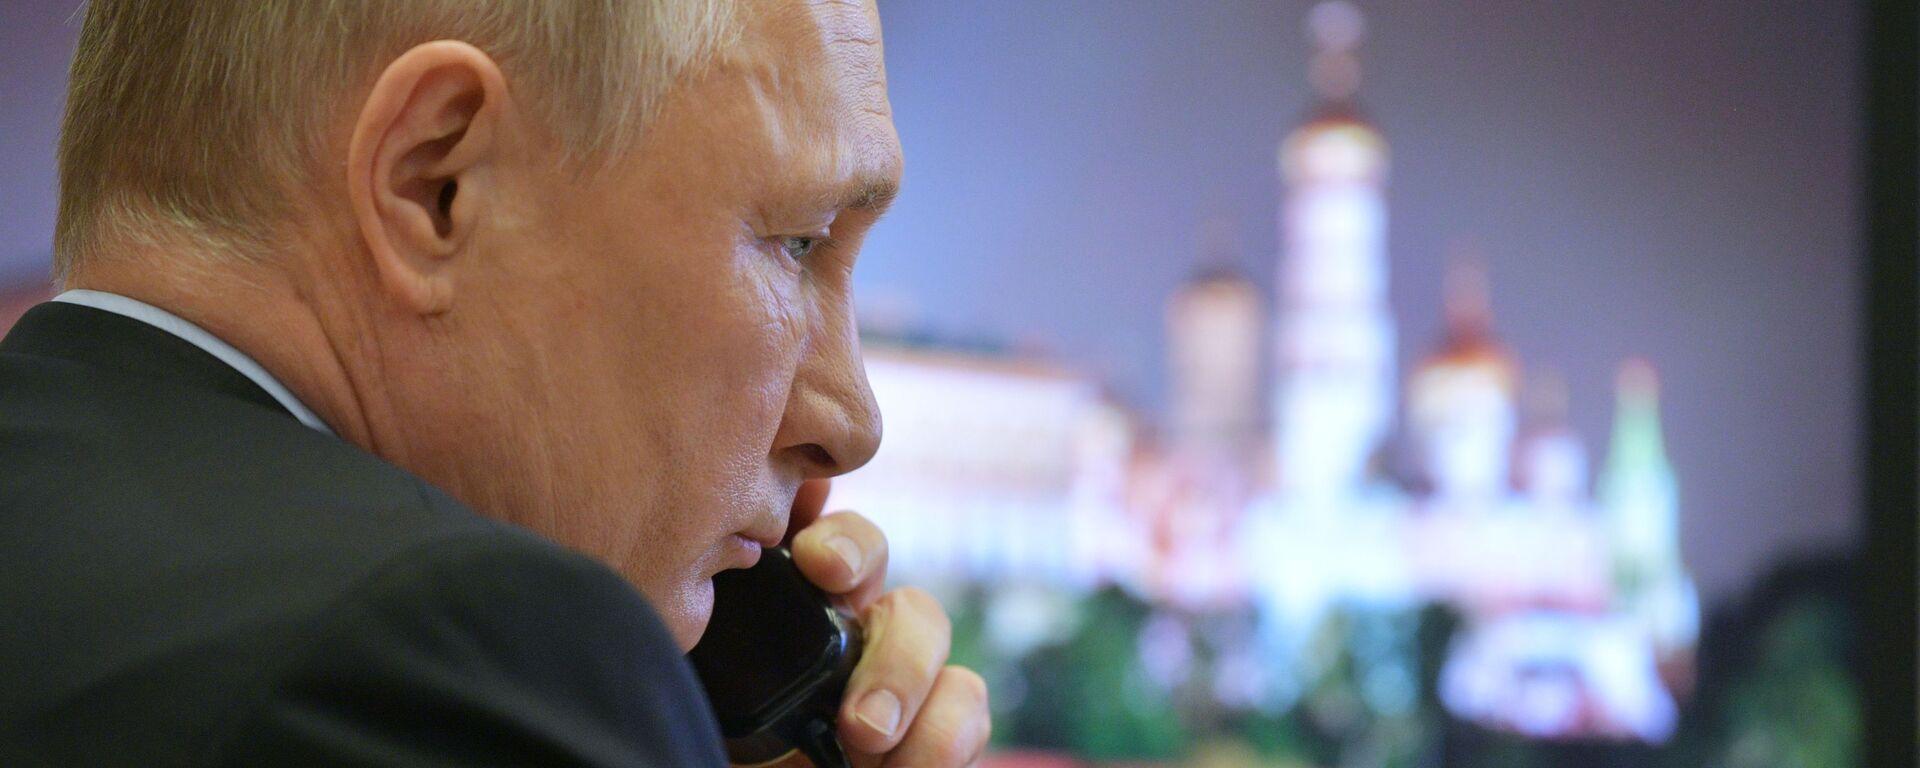 Prezydent Rosji Władimir Putin rozmawia przez telefon - Sputnik Polska, 1920, 13.04.2021